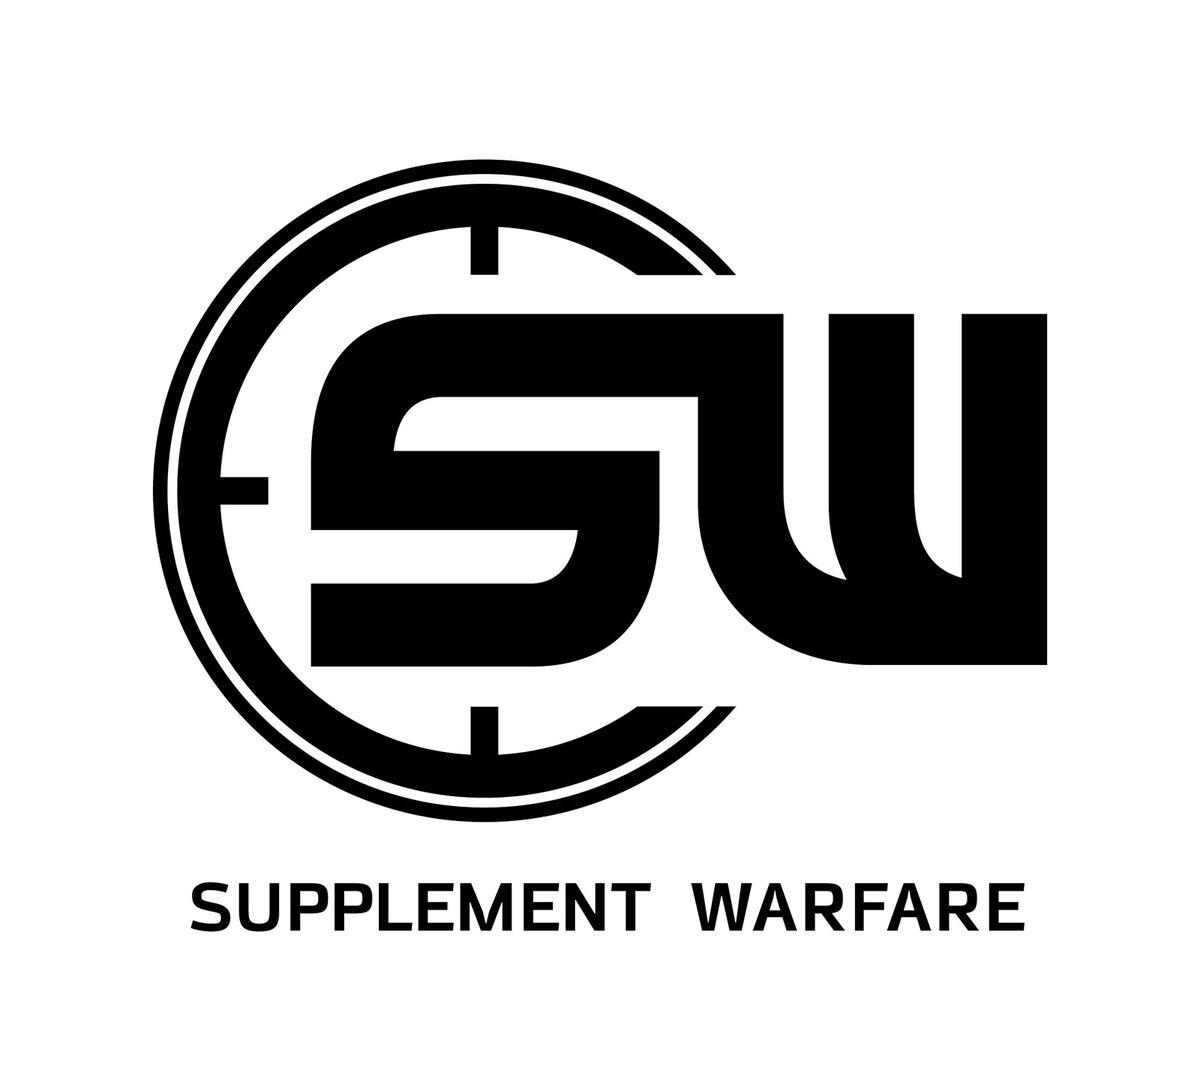 Supplement Warfare